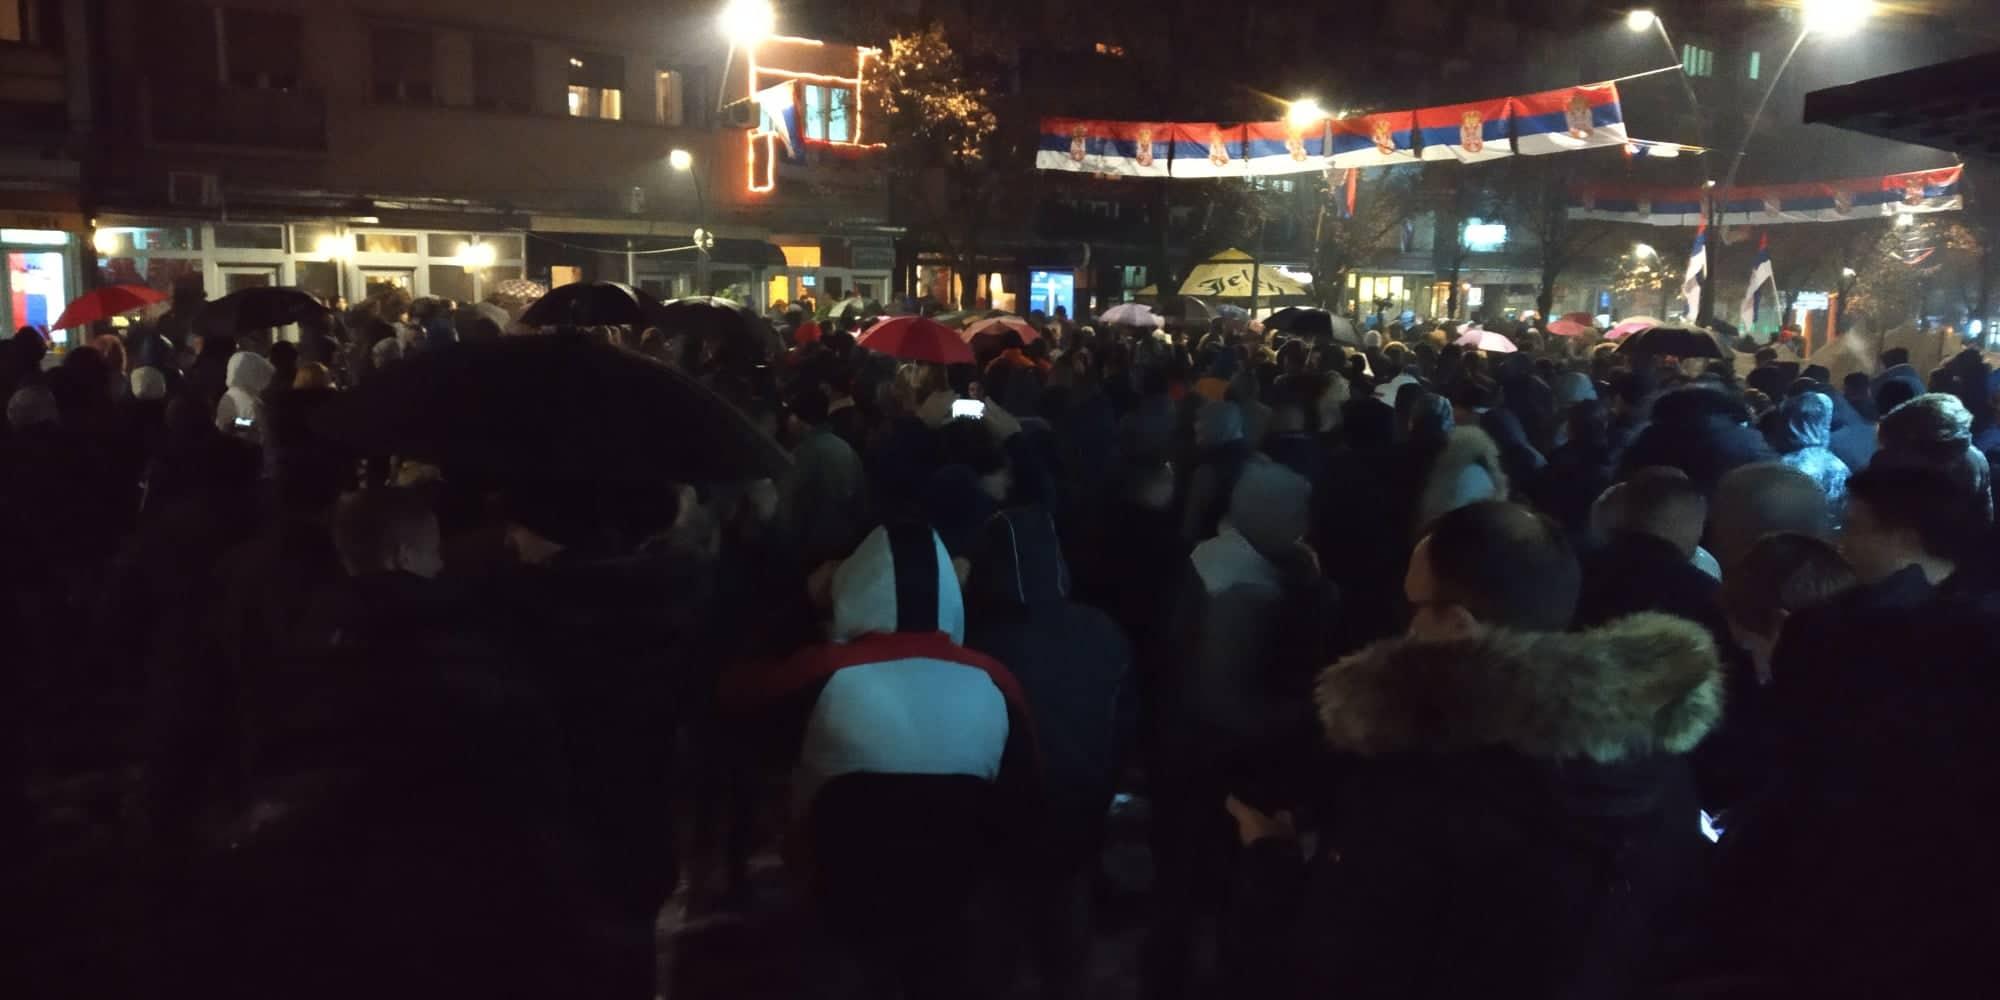 Građani okupljeni da prate konferenciju predsednika Vučića preko video bima u centru Kosovske Mitrovice